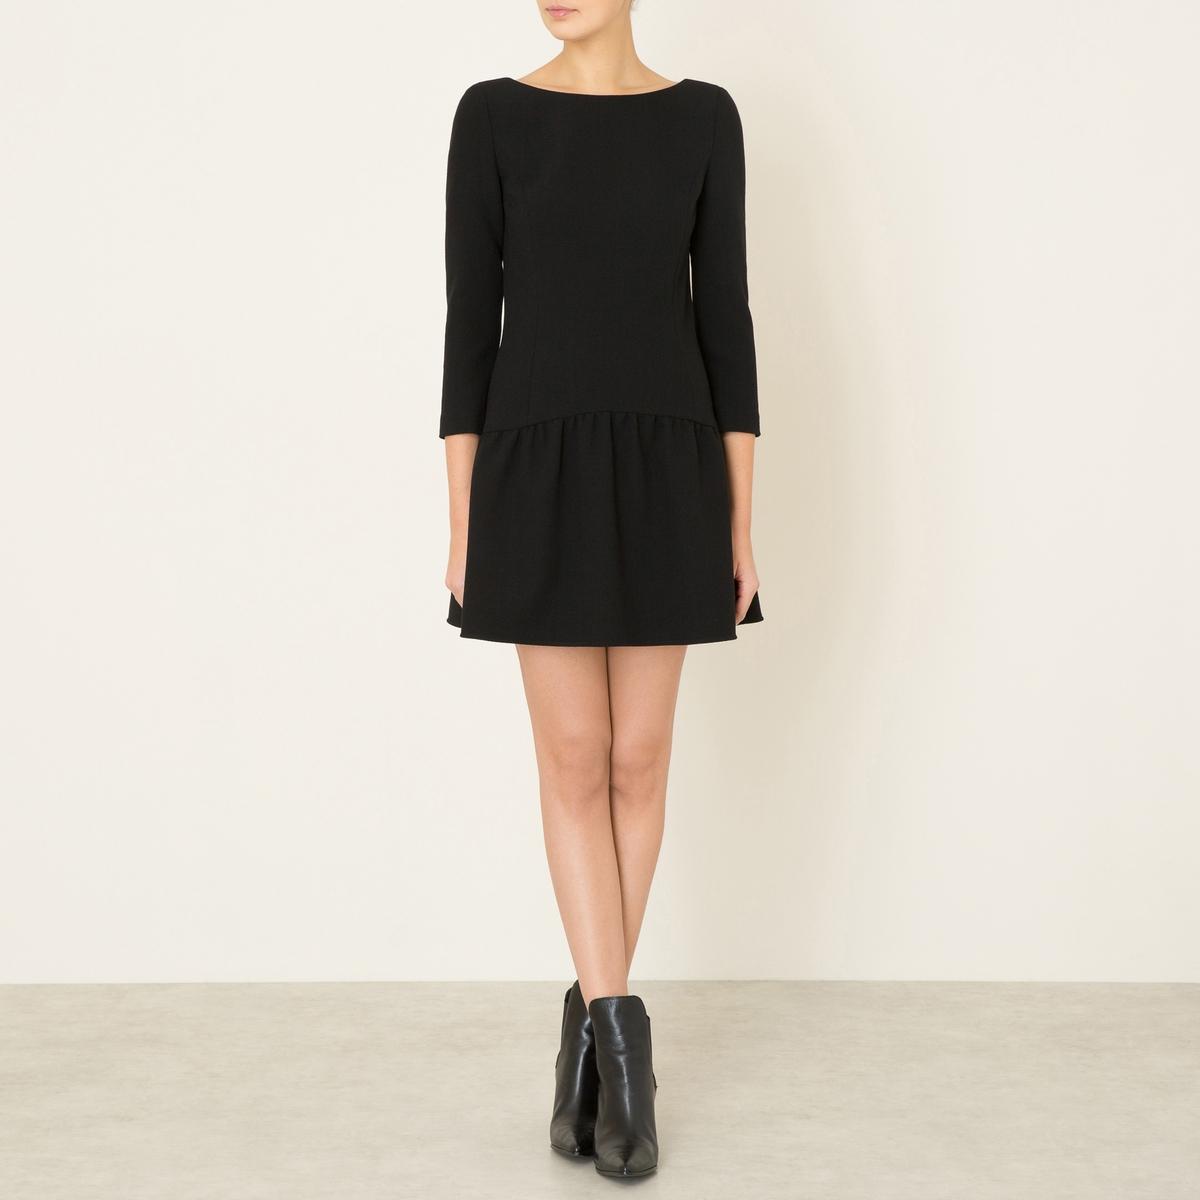 Платье TAXIКороткое платье BA&amp;SH - модель TAXI из меланжевой шерсти с круглым вырезом. Рукава 3/4. Прямой верх, расклешенная юбка. Открытая спинка с эффектом шнуровки. Полностью на подкладке.Состав и описание    Материал : 44% необработанной шерсти, 53% полиэстера, 3% эластана   Марка : BA&amp;SH<br><br>Цвет: черный<br>Размер: S